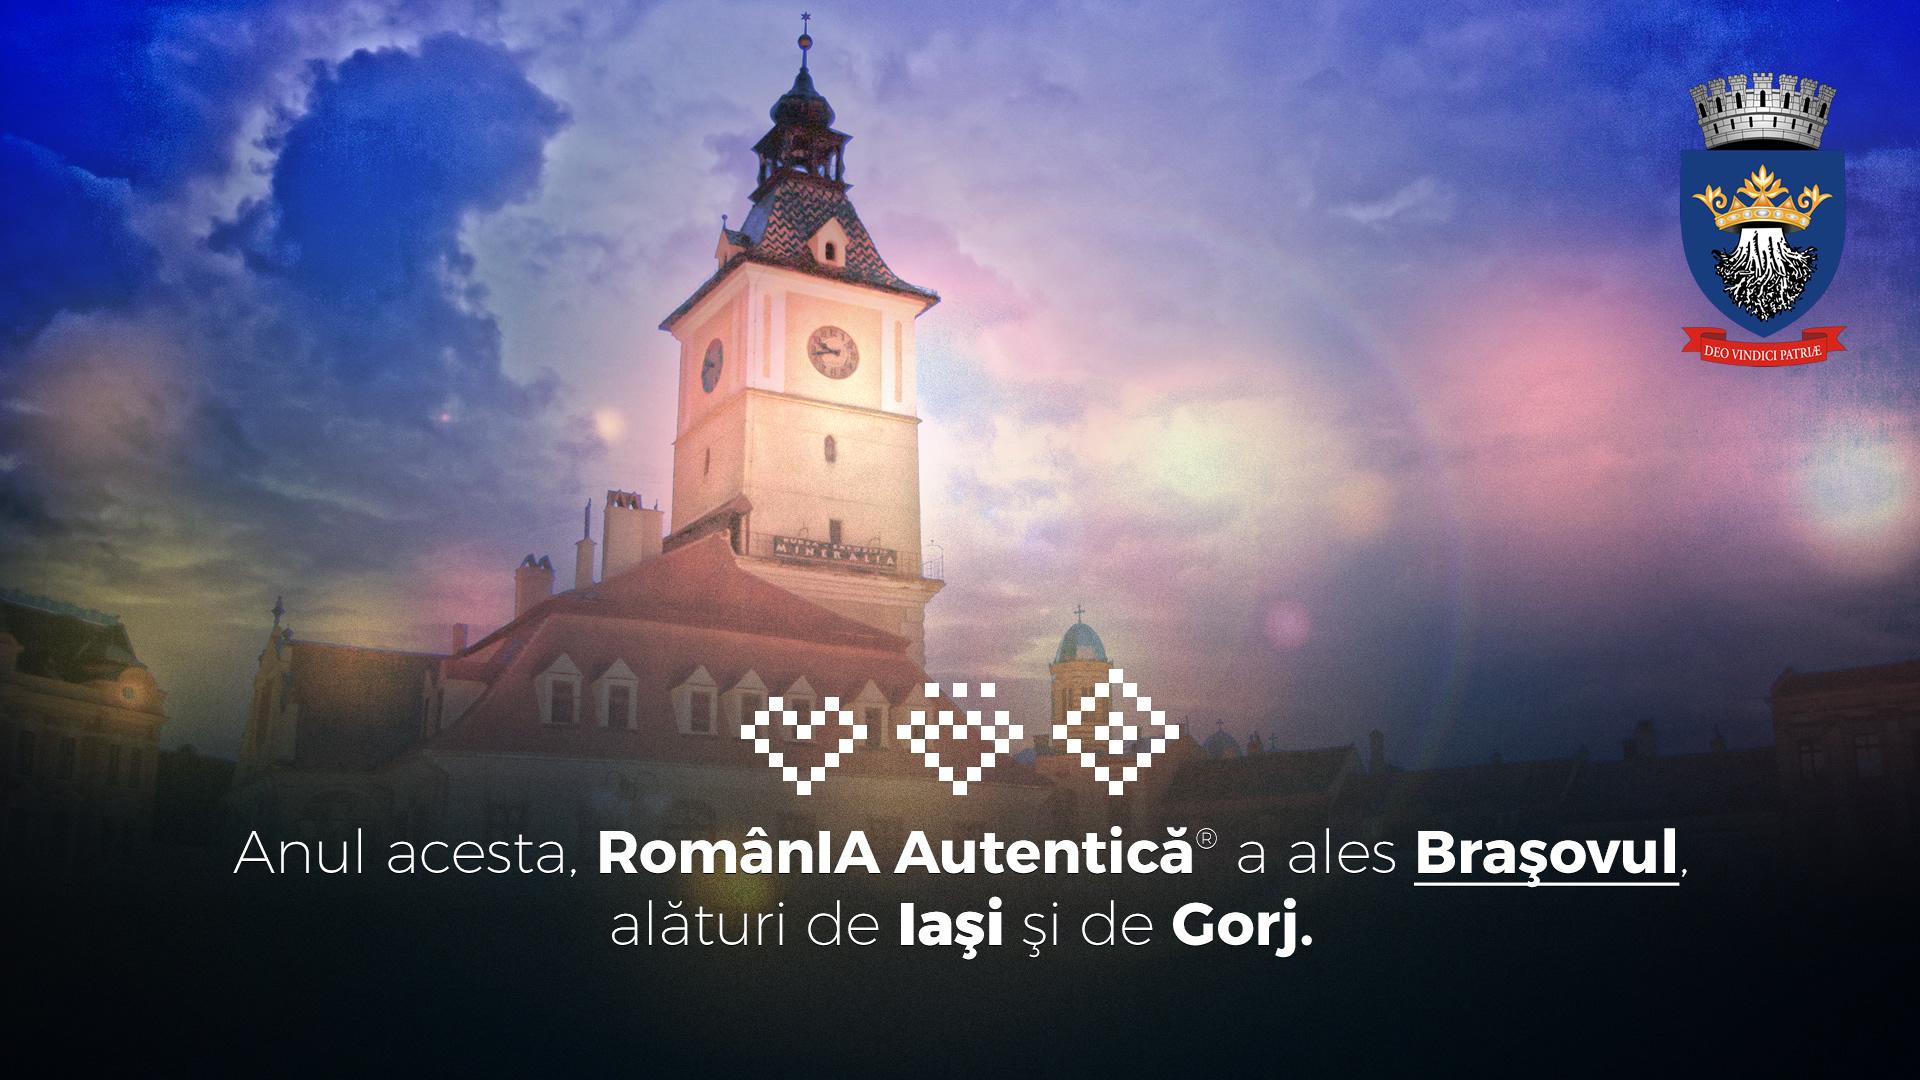 festivalul RomânIA Autentica